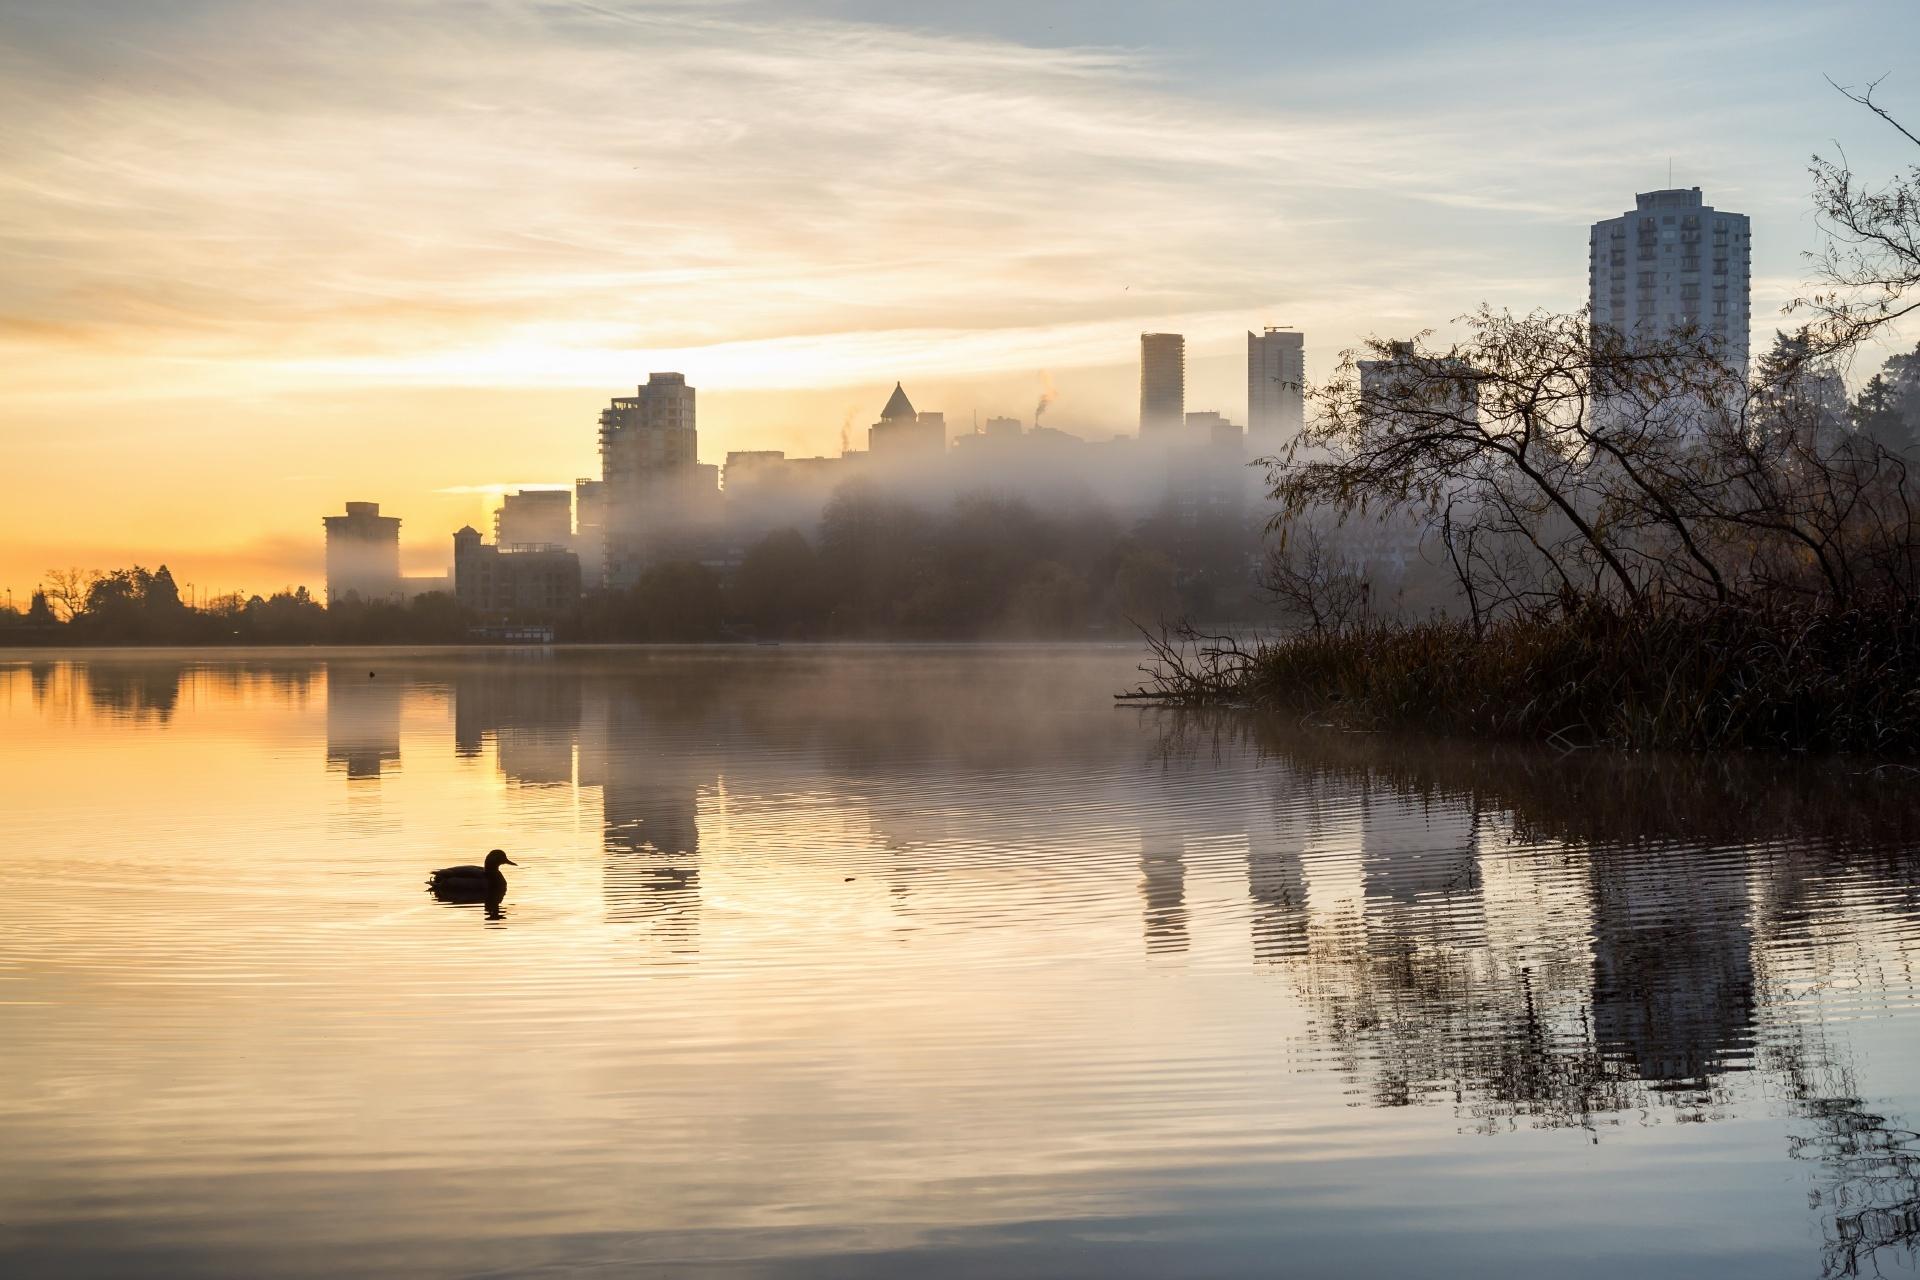 秋の朝の風景 バンクーバー カナダの風景